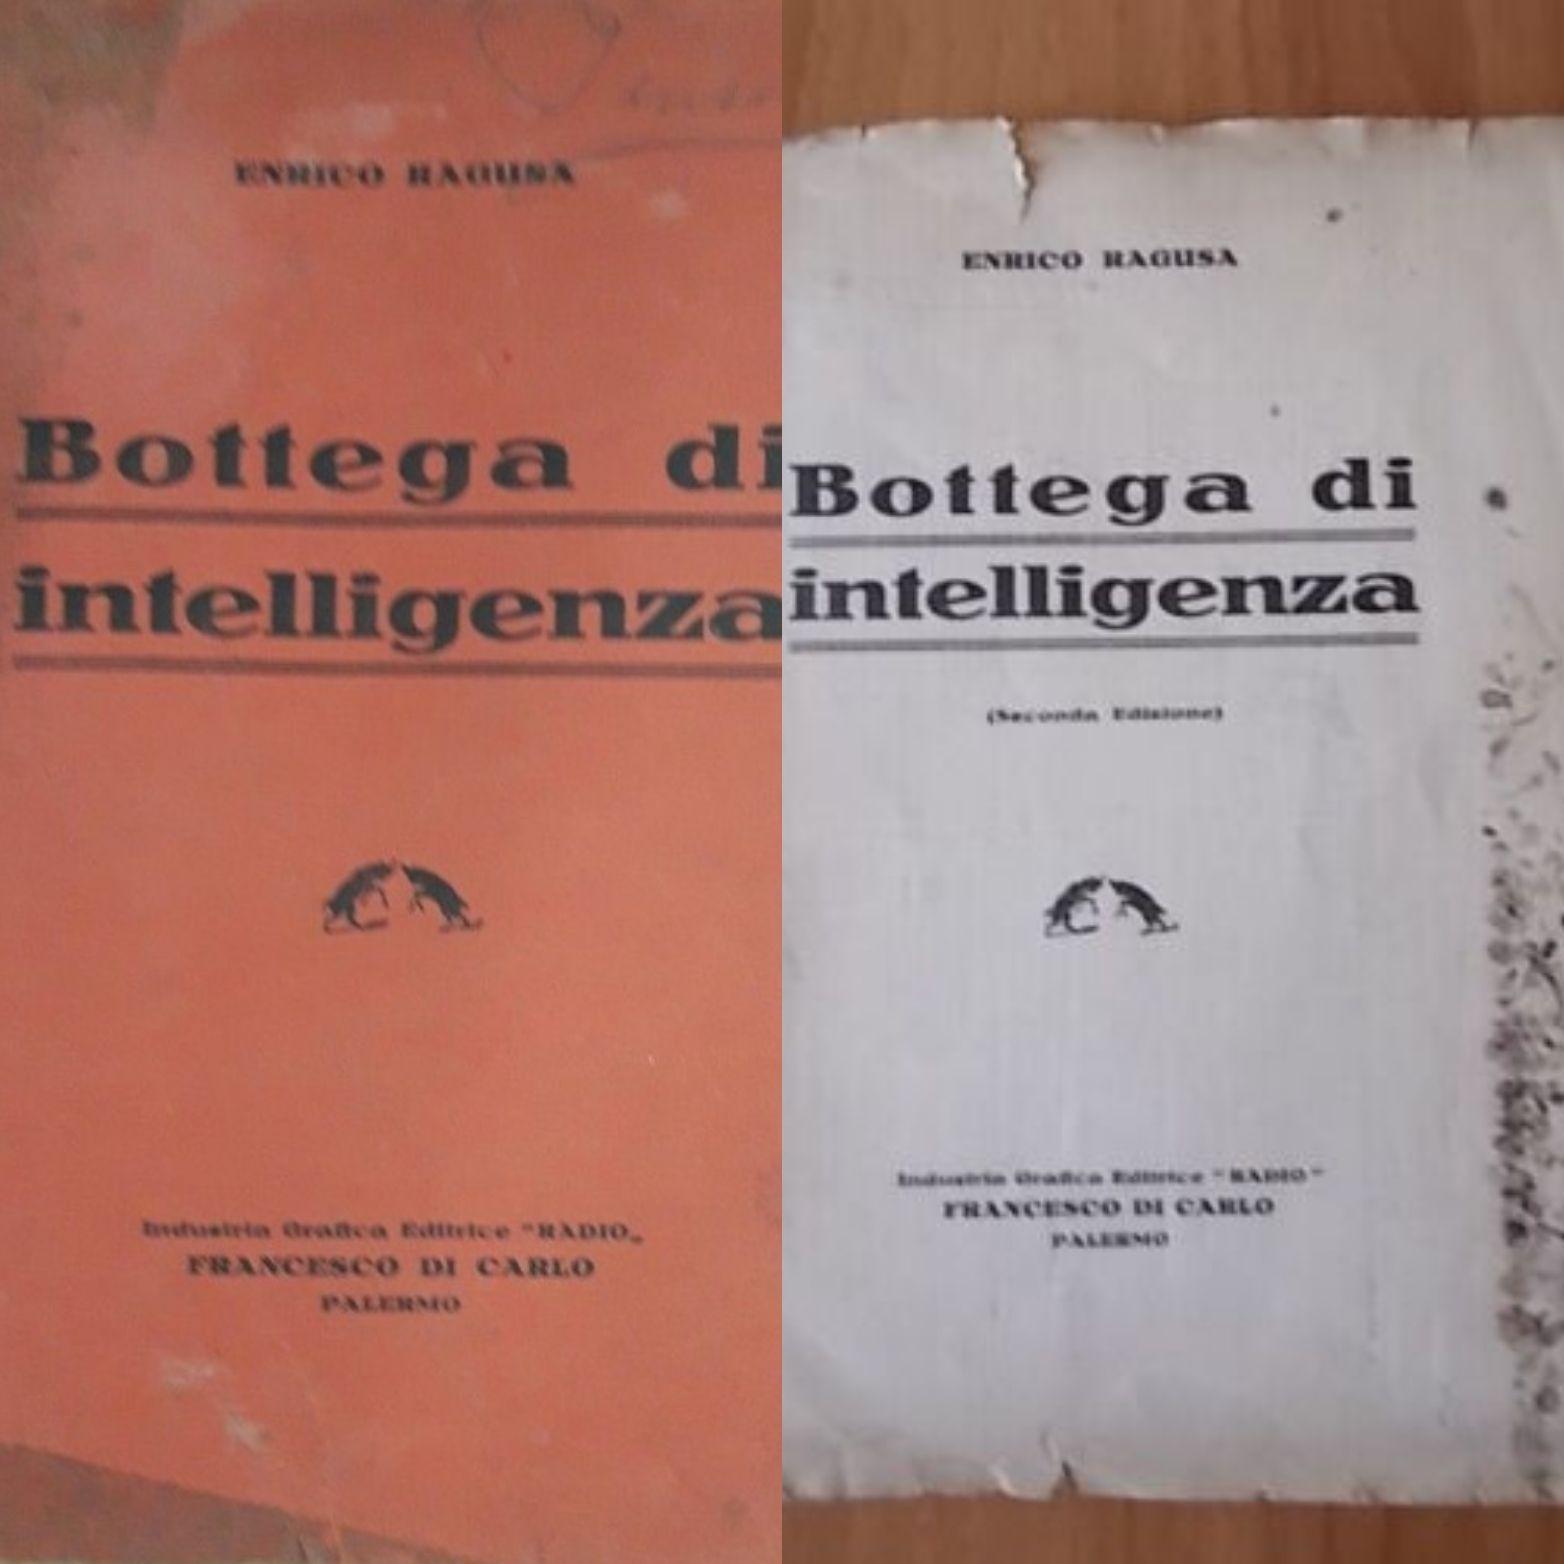 Futurismo: un libretto del 1927 poco conosciuto in vendita su eBay in 2 edizioni diverse!